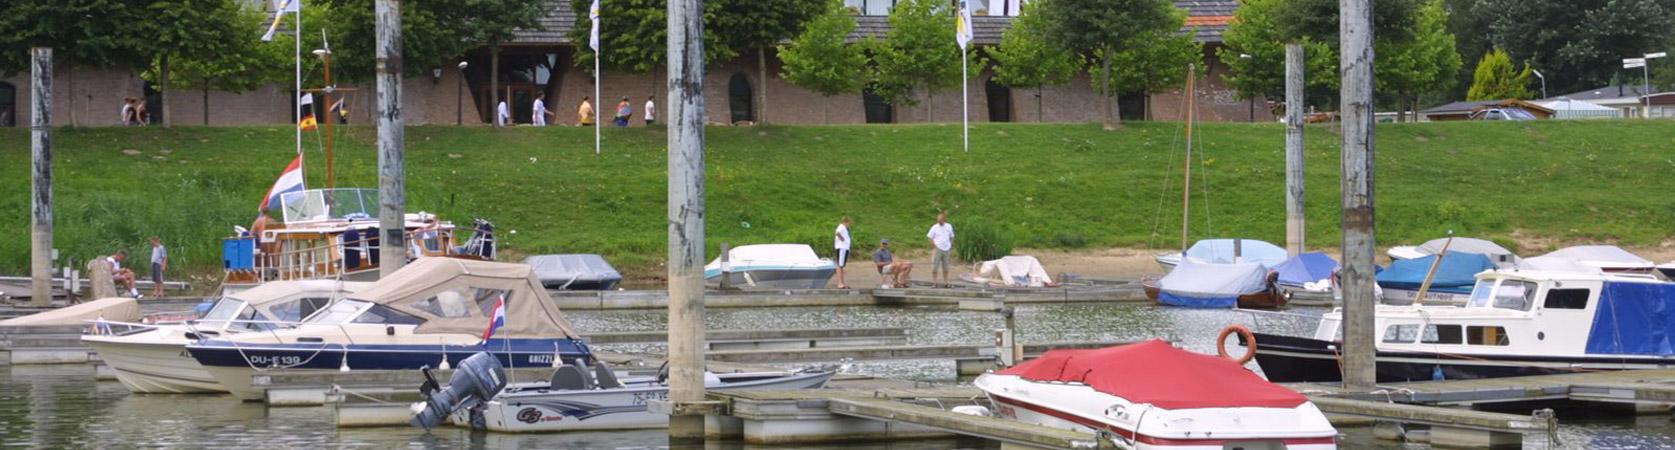 Recreatiepark en Jachthaven De Scherpenhof - Terwolde, Gelderland